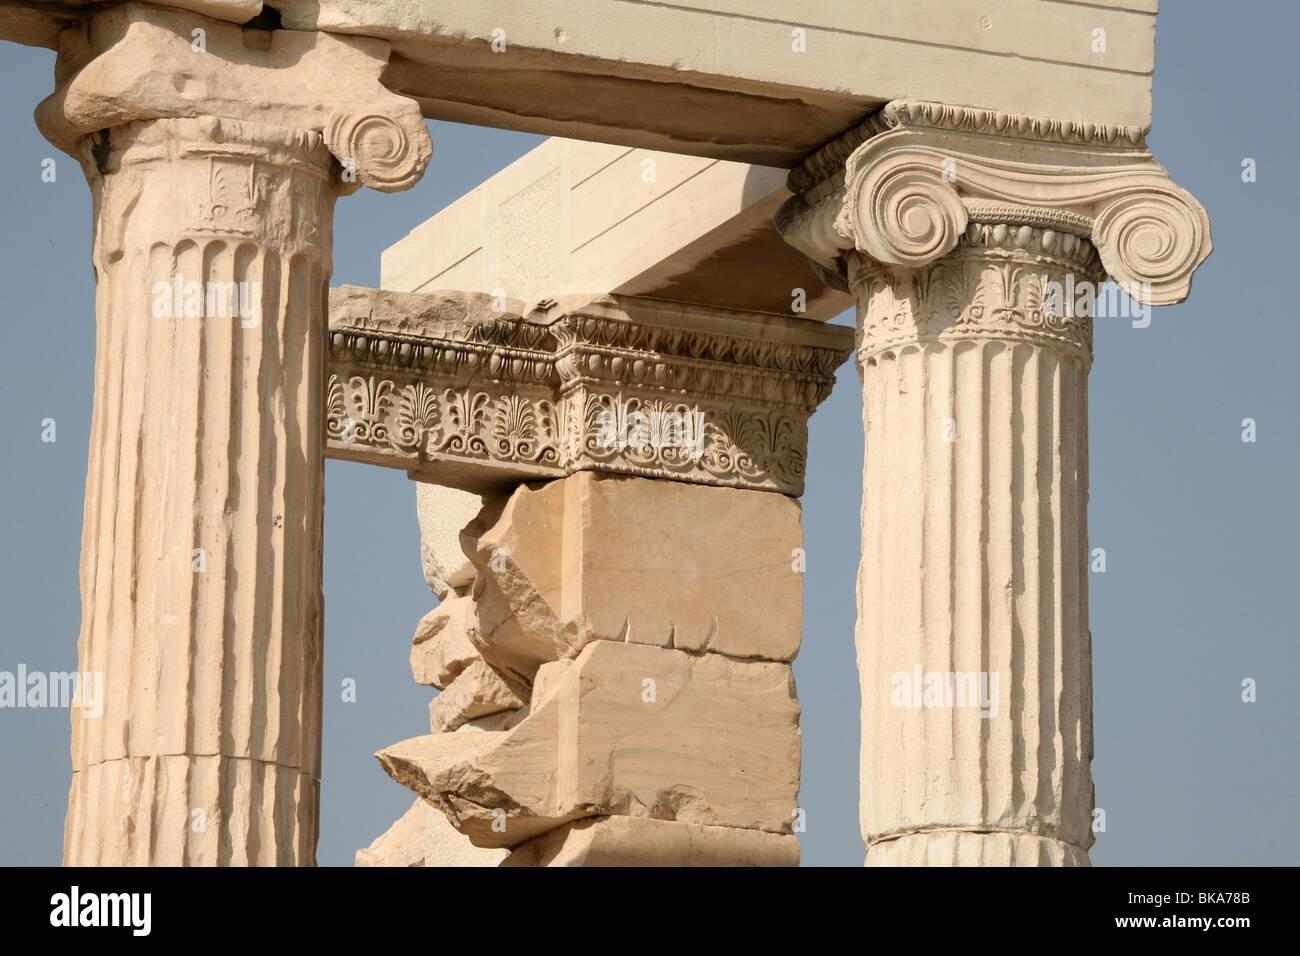 Column  architecture  Britannicacom